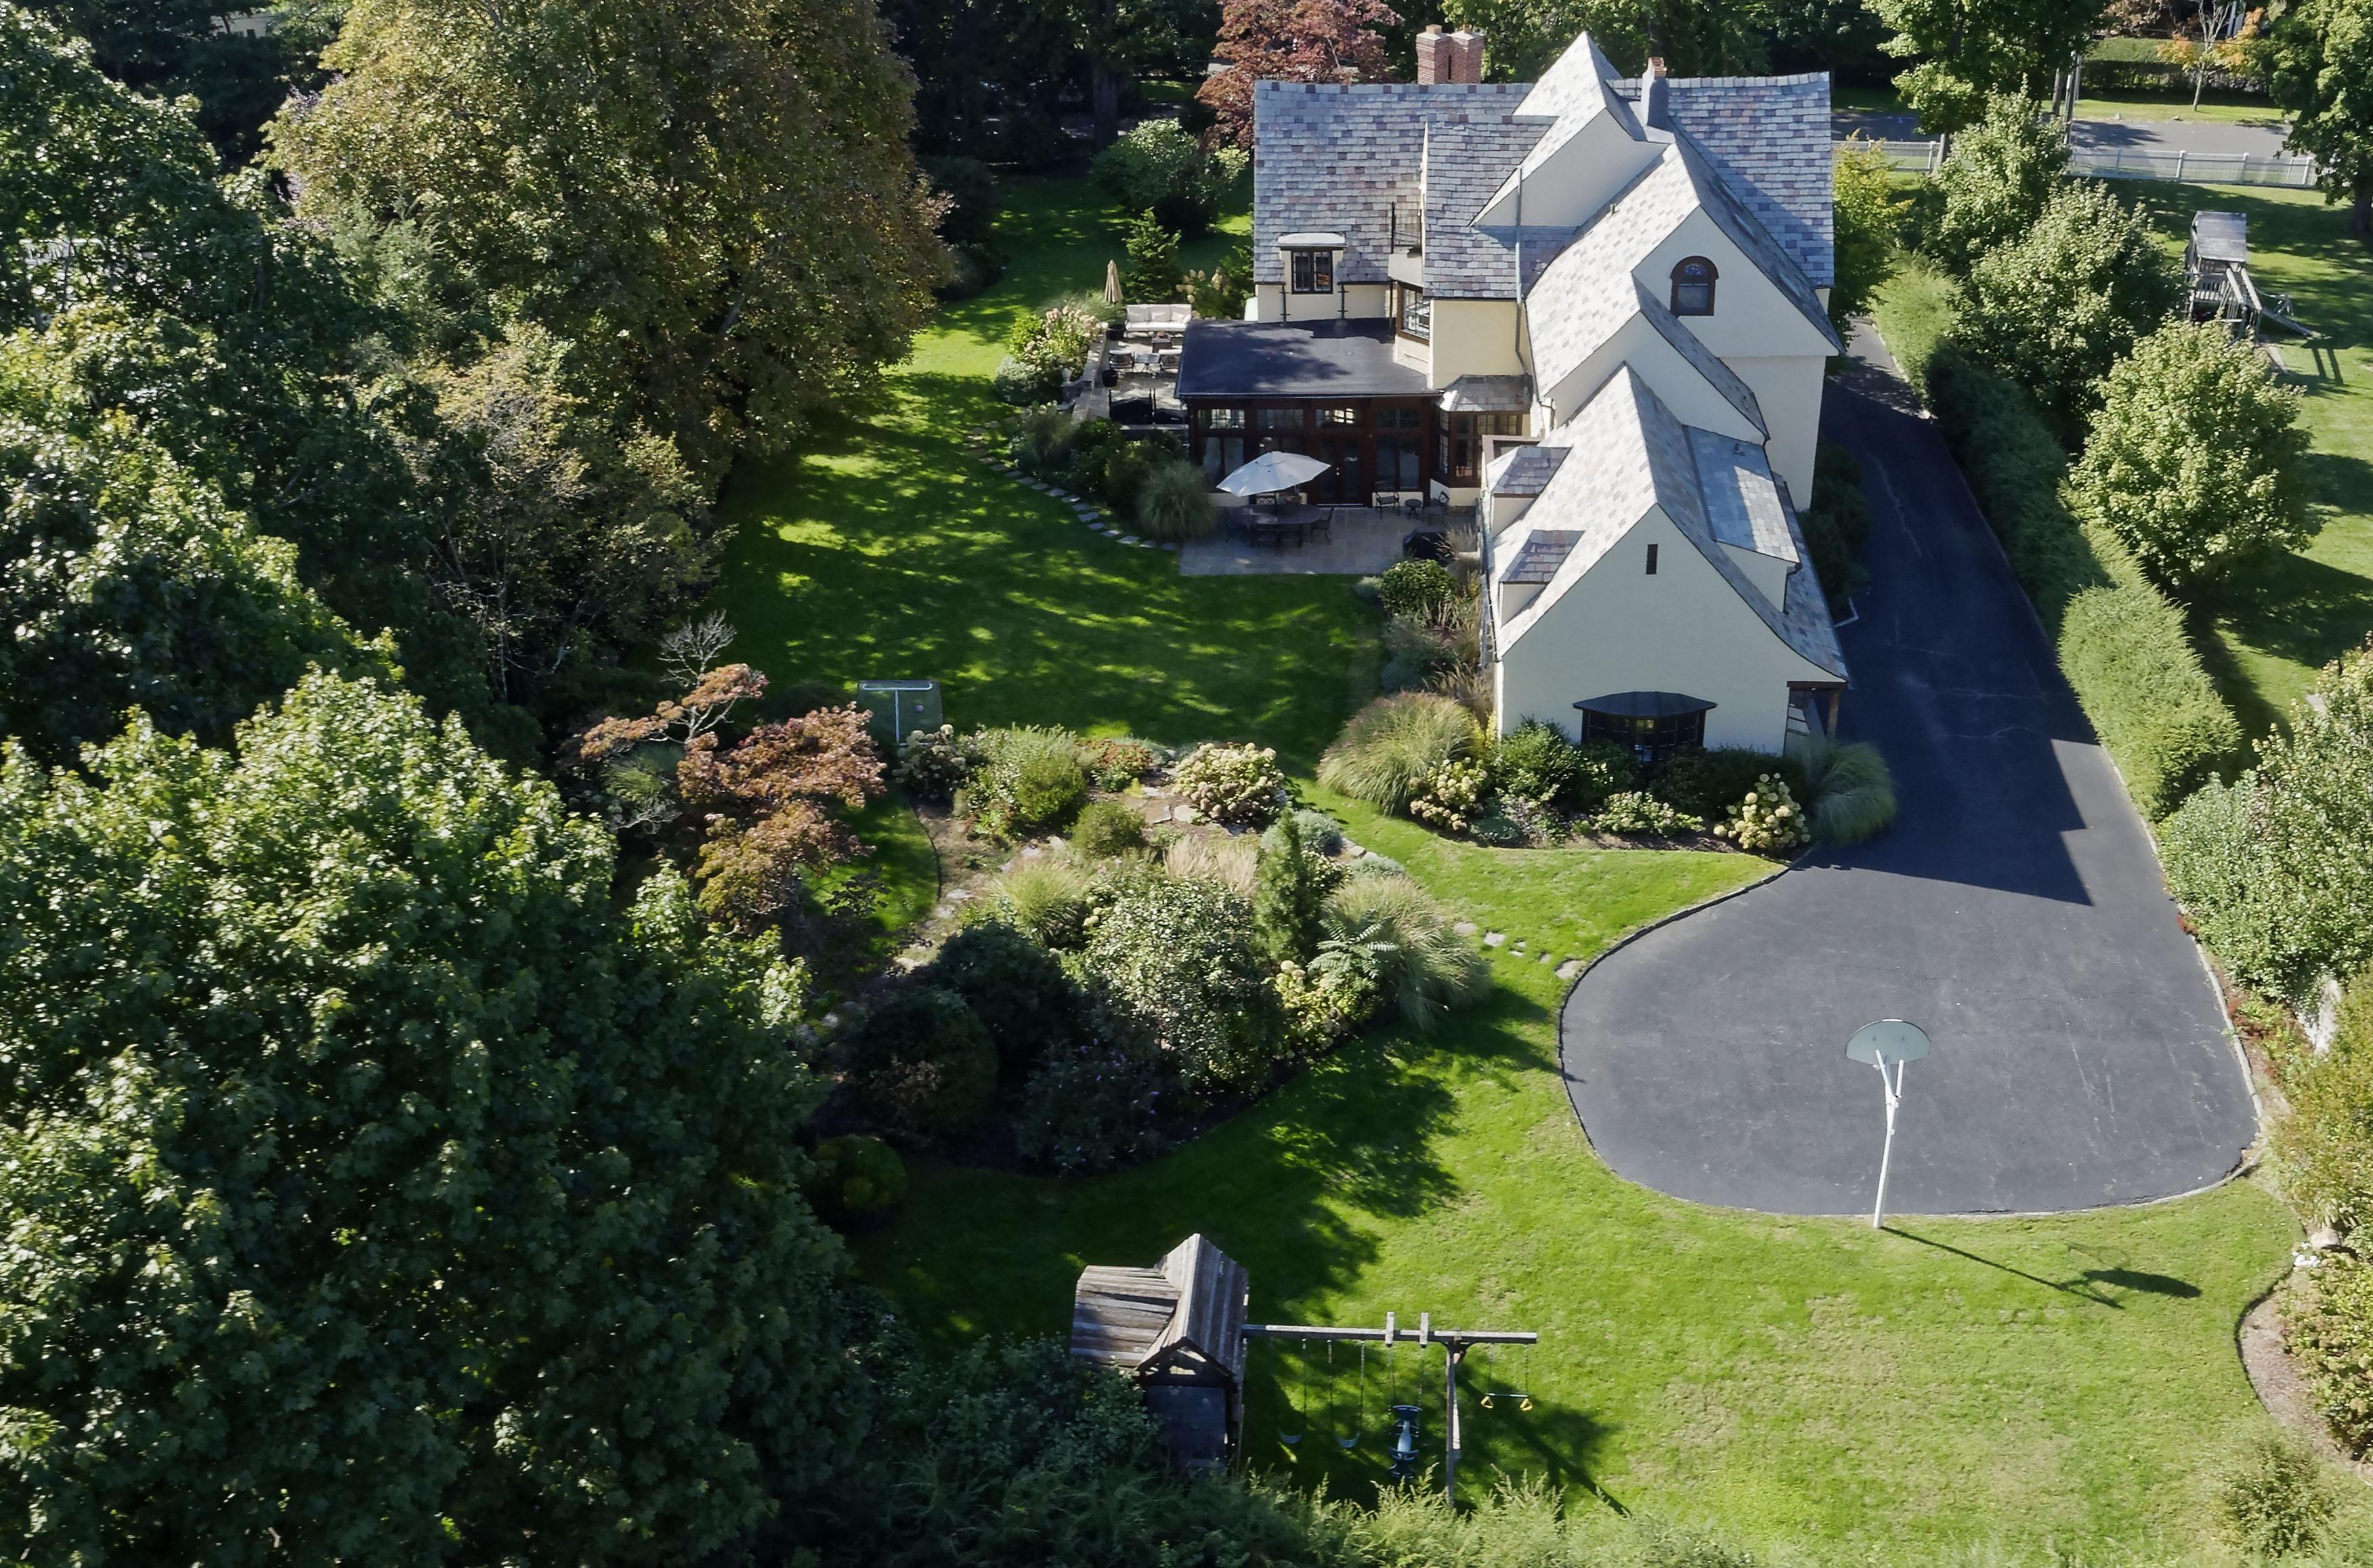 Casa Unifamiliar por un Venta en Stately Stone and Stucco home 96 Evergreen Avenue Rye, Nueva York 10580 Estados Unidos